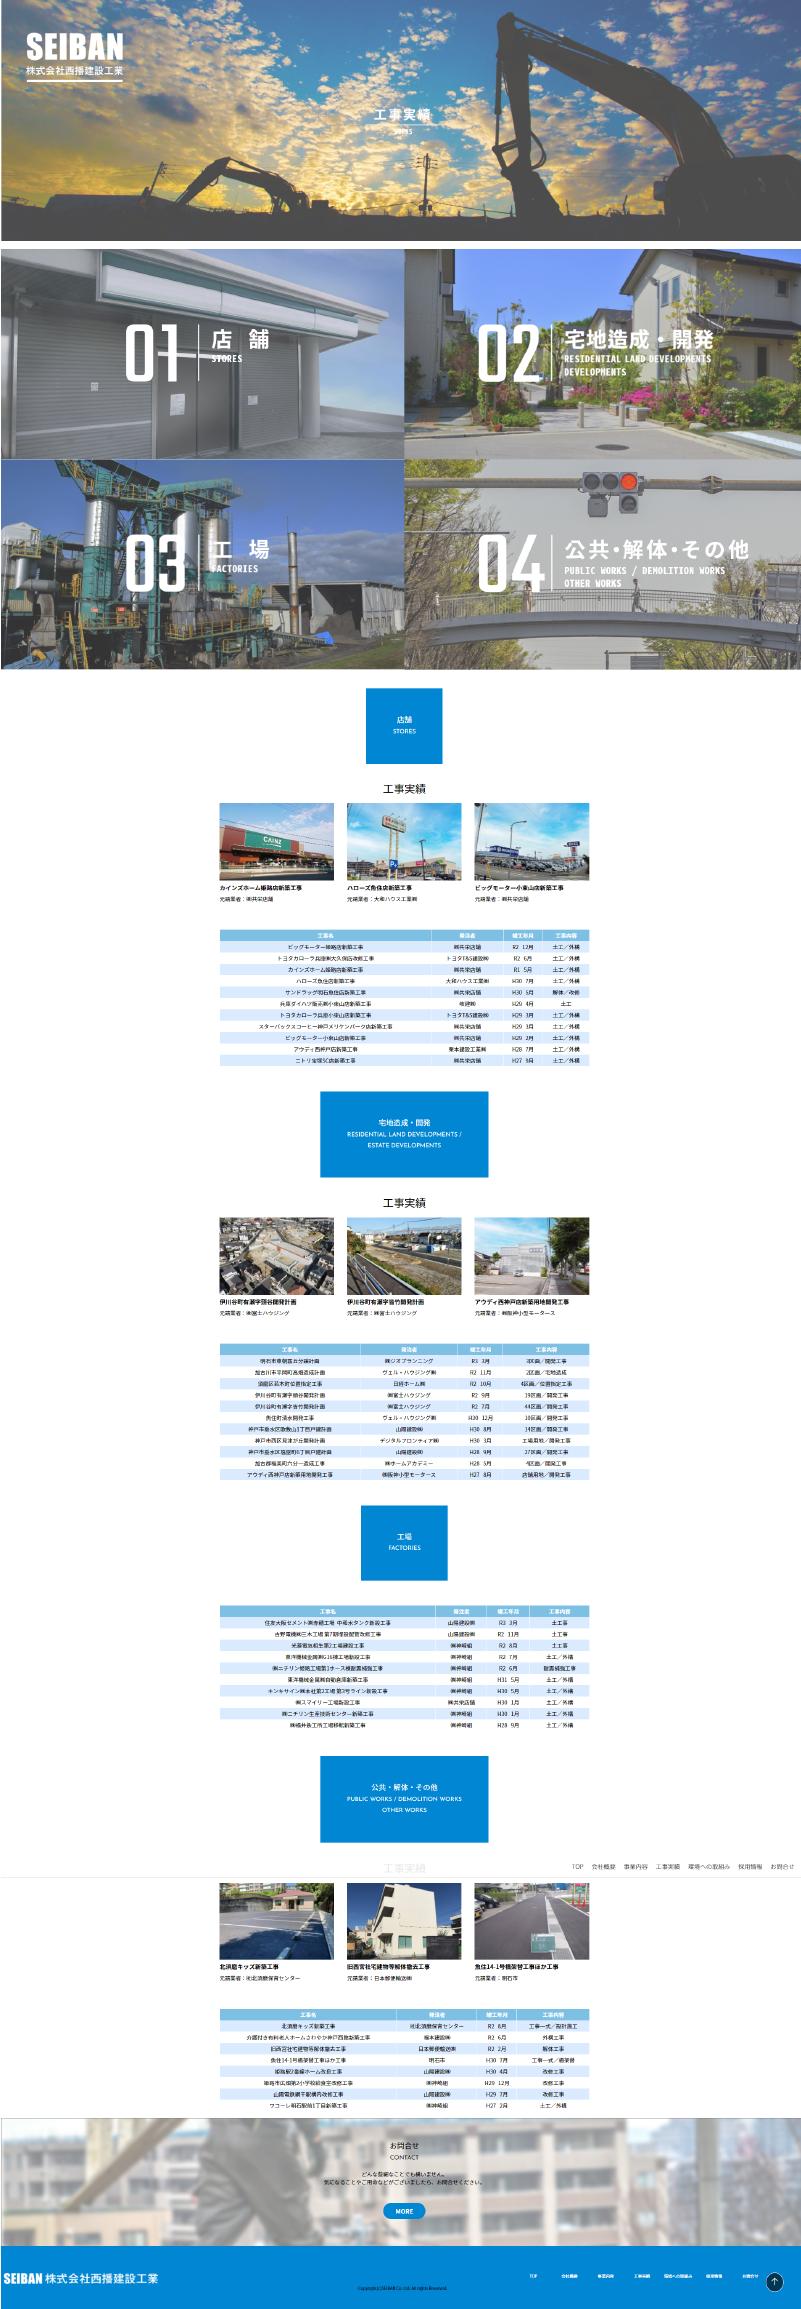 ホームページ制作実績株式会社西播建設工業様 コーポレートサイト制作